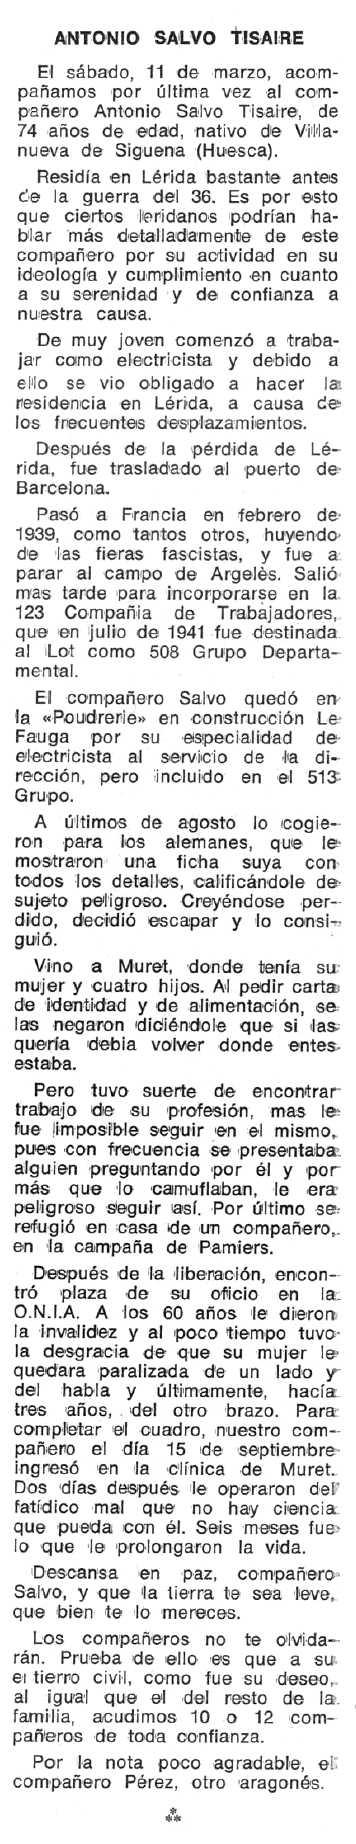 """Necrològica d'Antonio Salvo Tisaire apareguda en el periòdic tolosà """"Espoir"""" del 24 de juliol de 1978"""